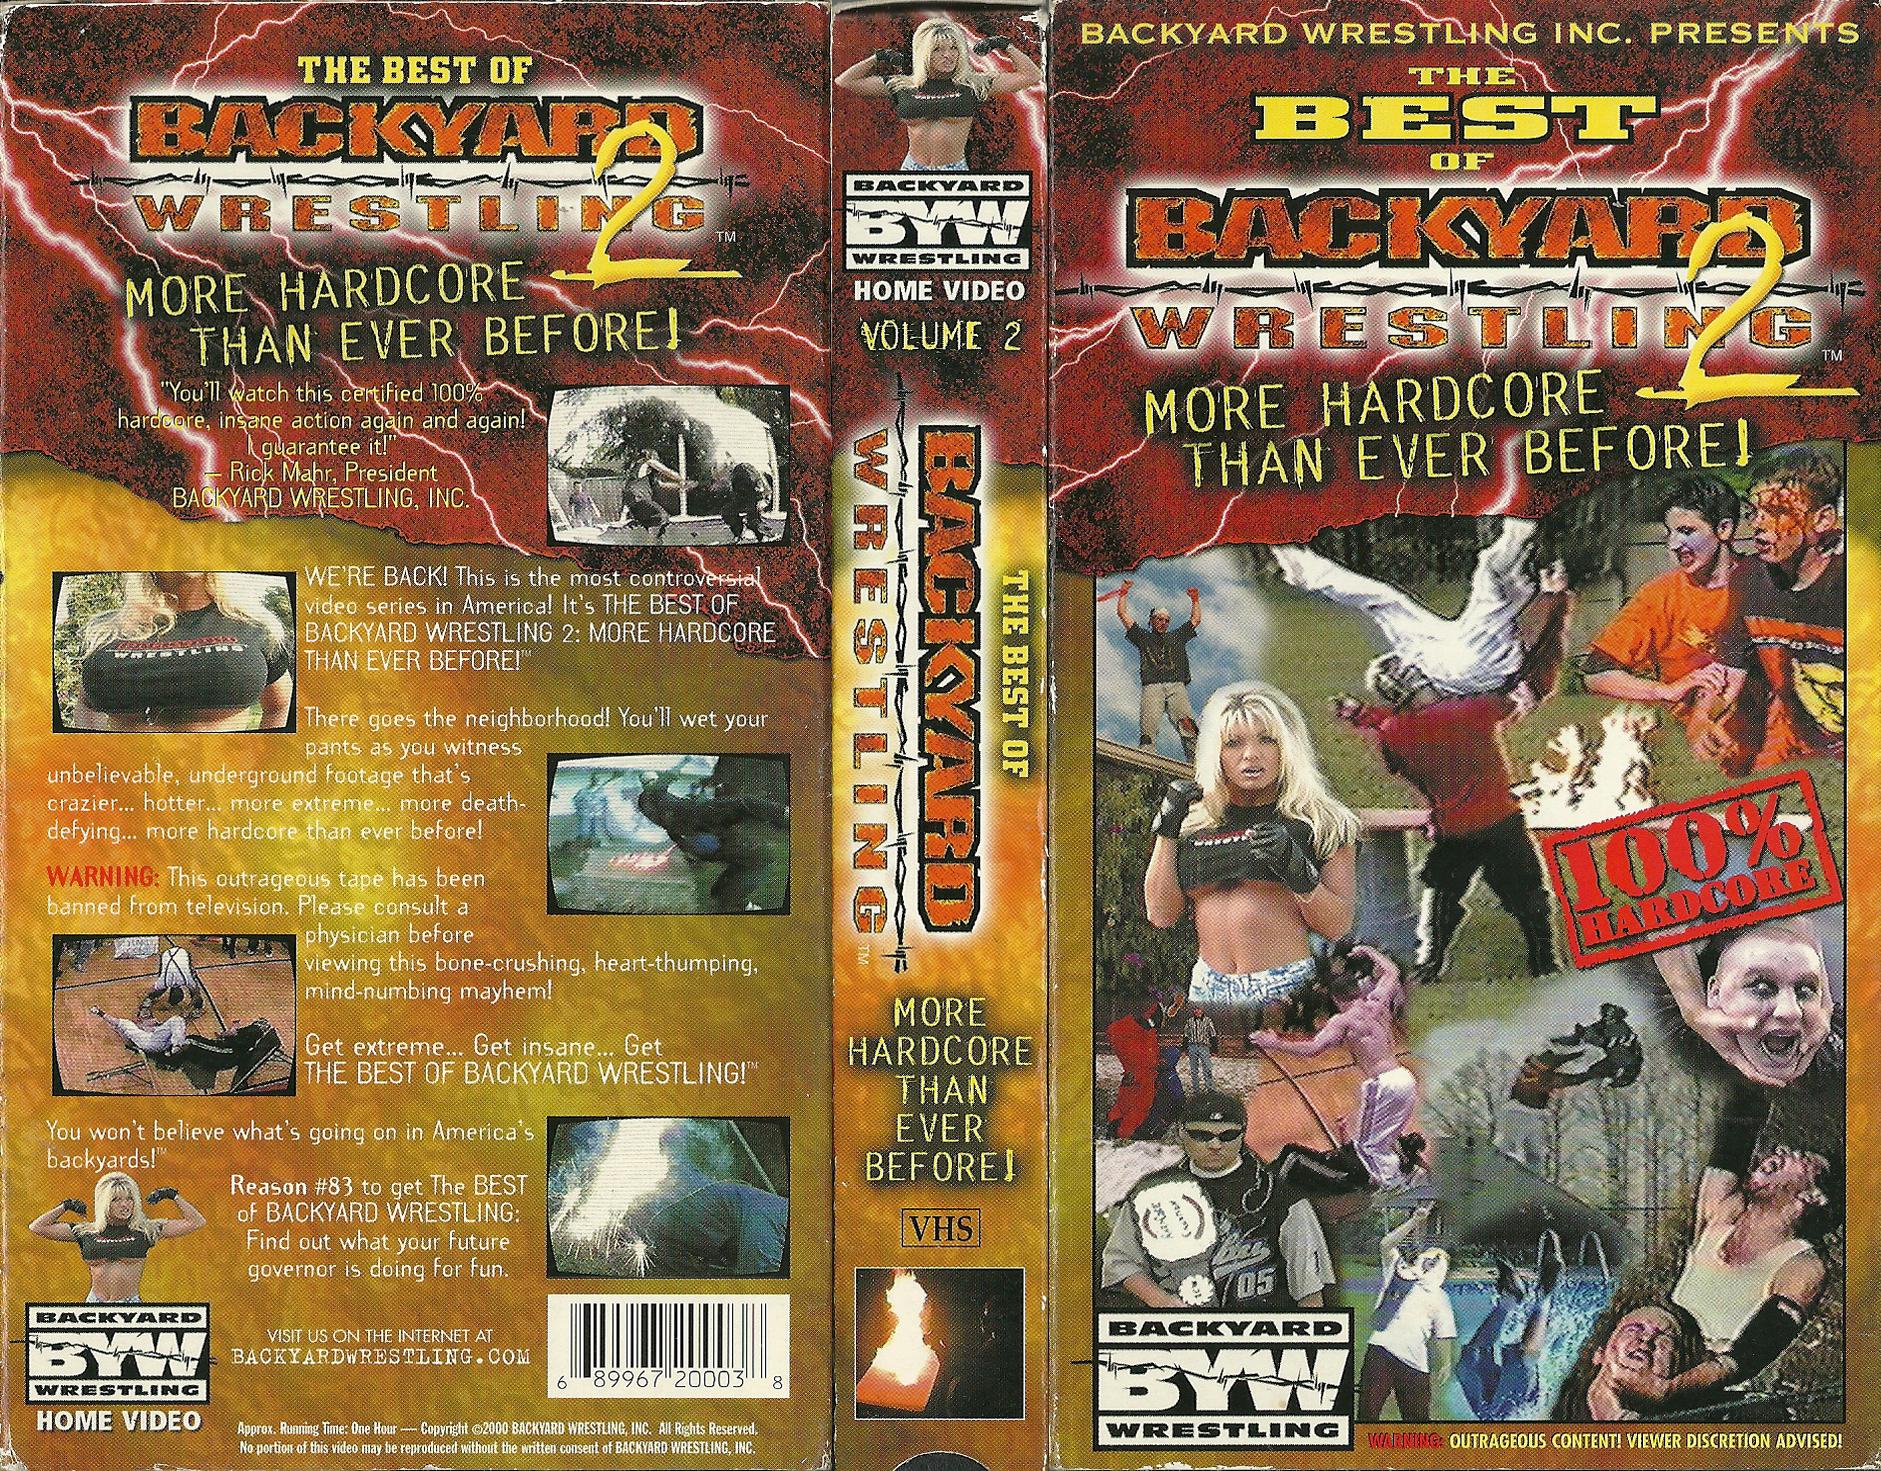 Best Of Backyard Wrestling backyard wrestling 2 | backyard ideas